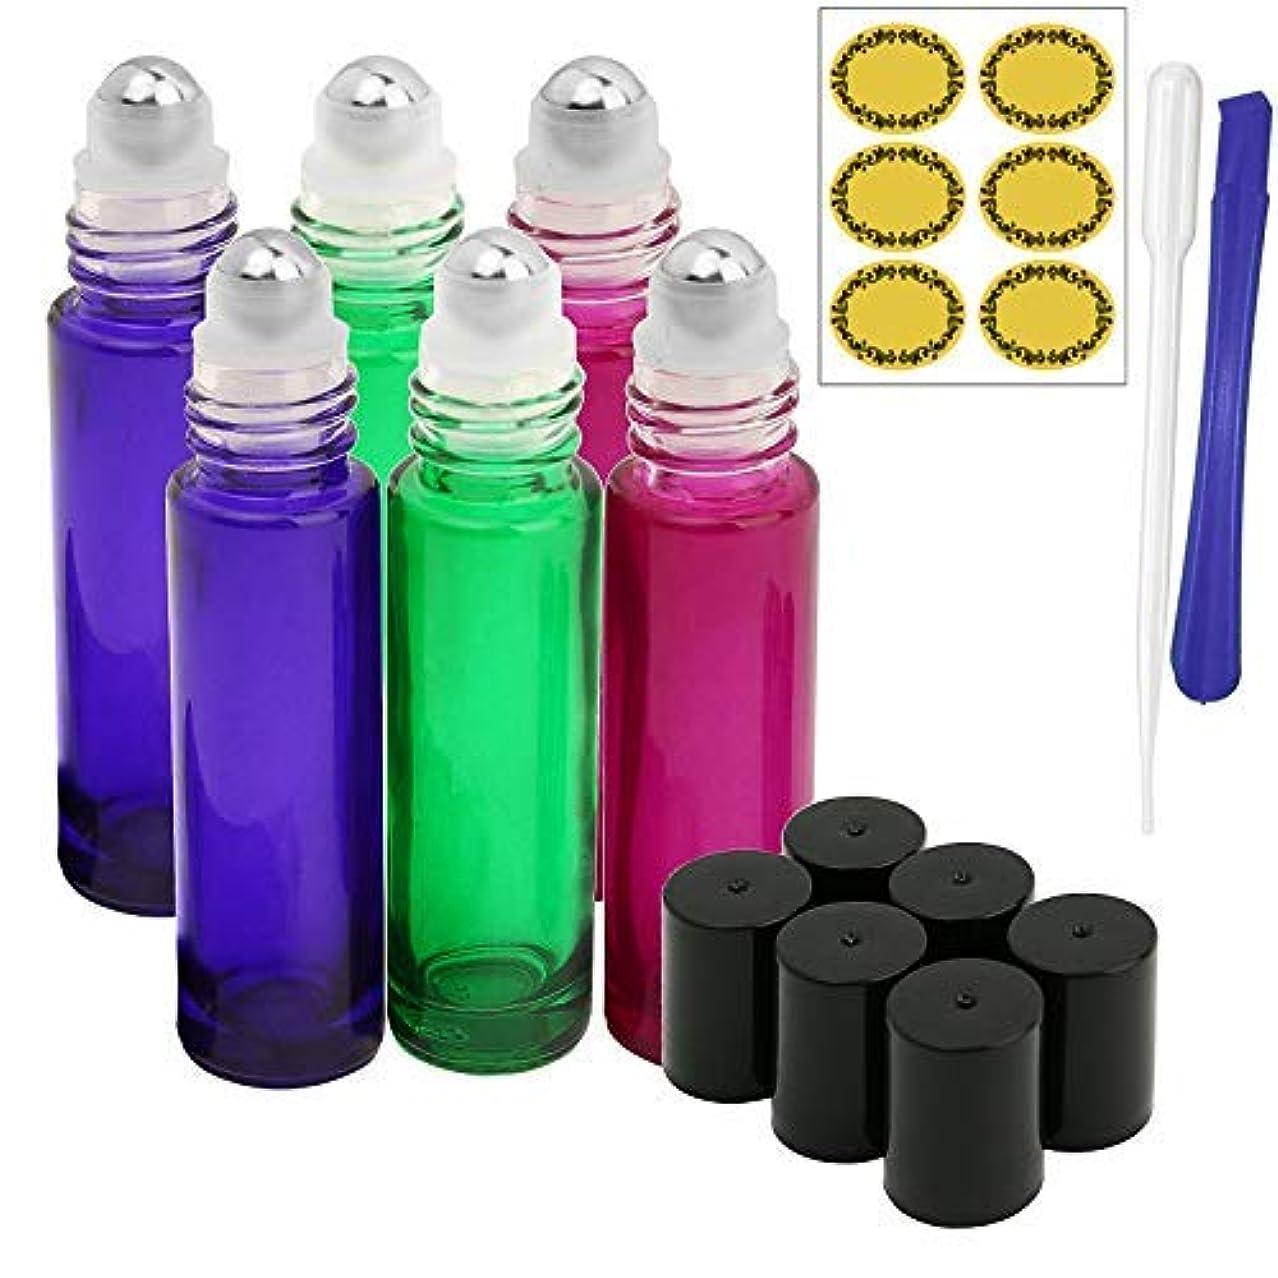 権限に対応クラス6, 10ml Roller Bottles for Essential Oils - Gradient Color Glass Refillable Roller on Bottles with 1 Opener, 1...